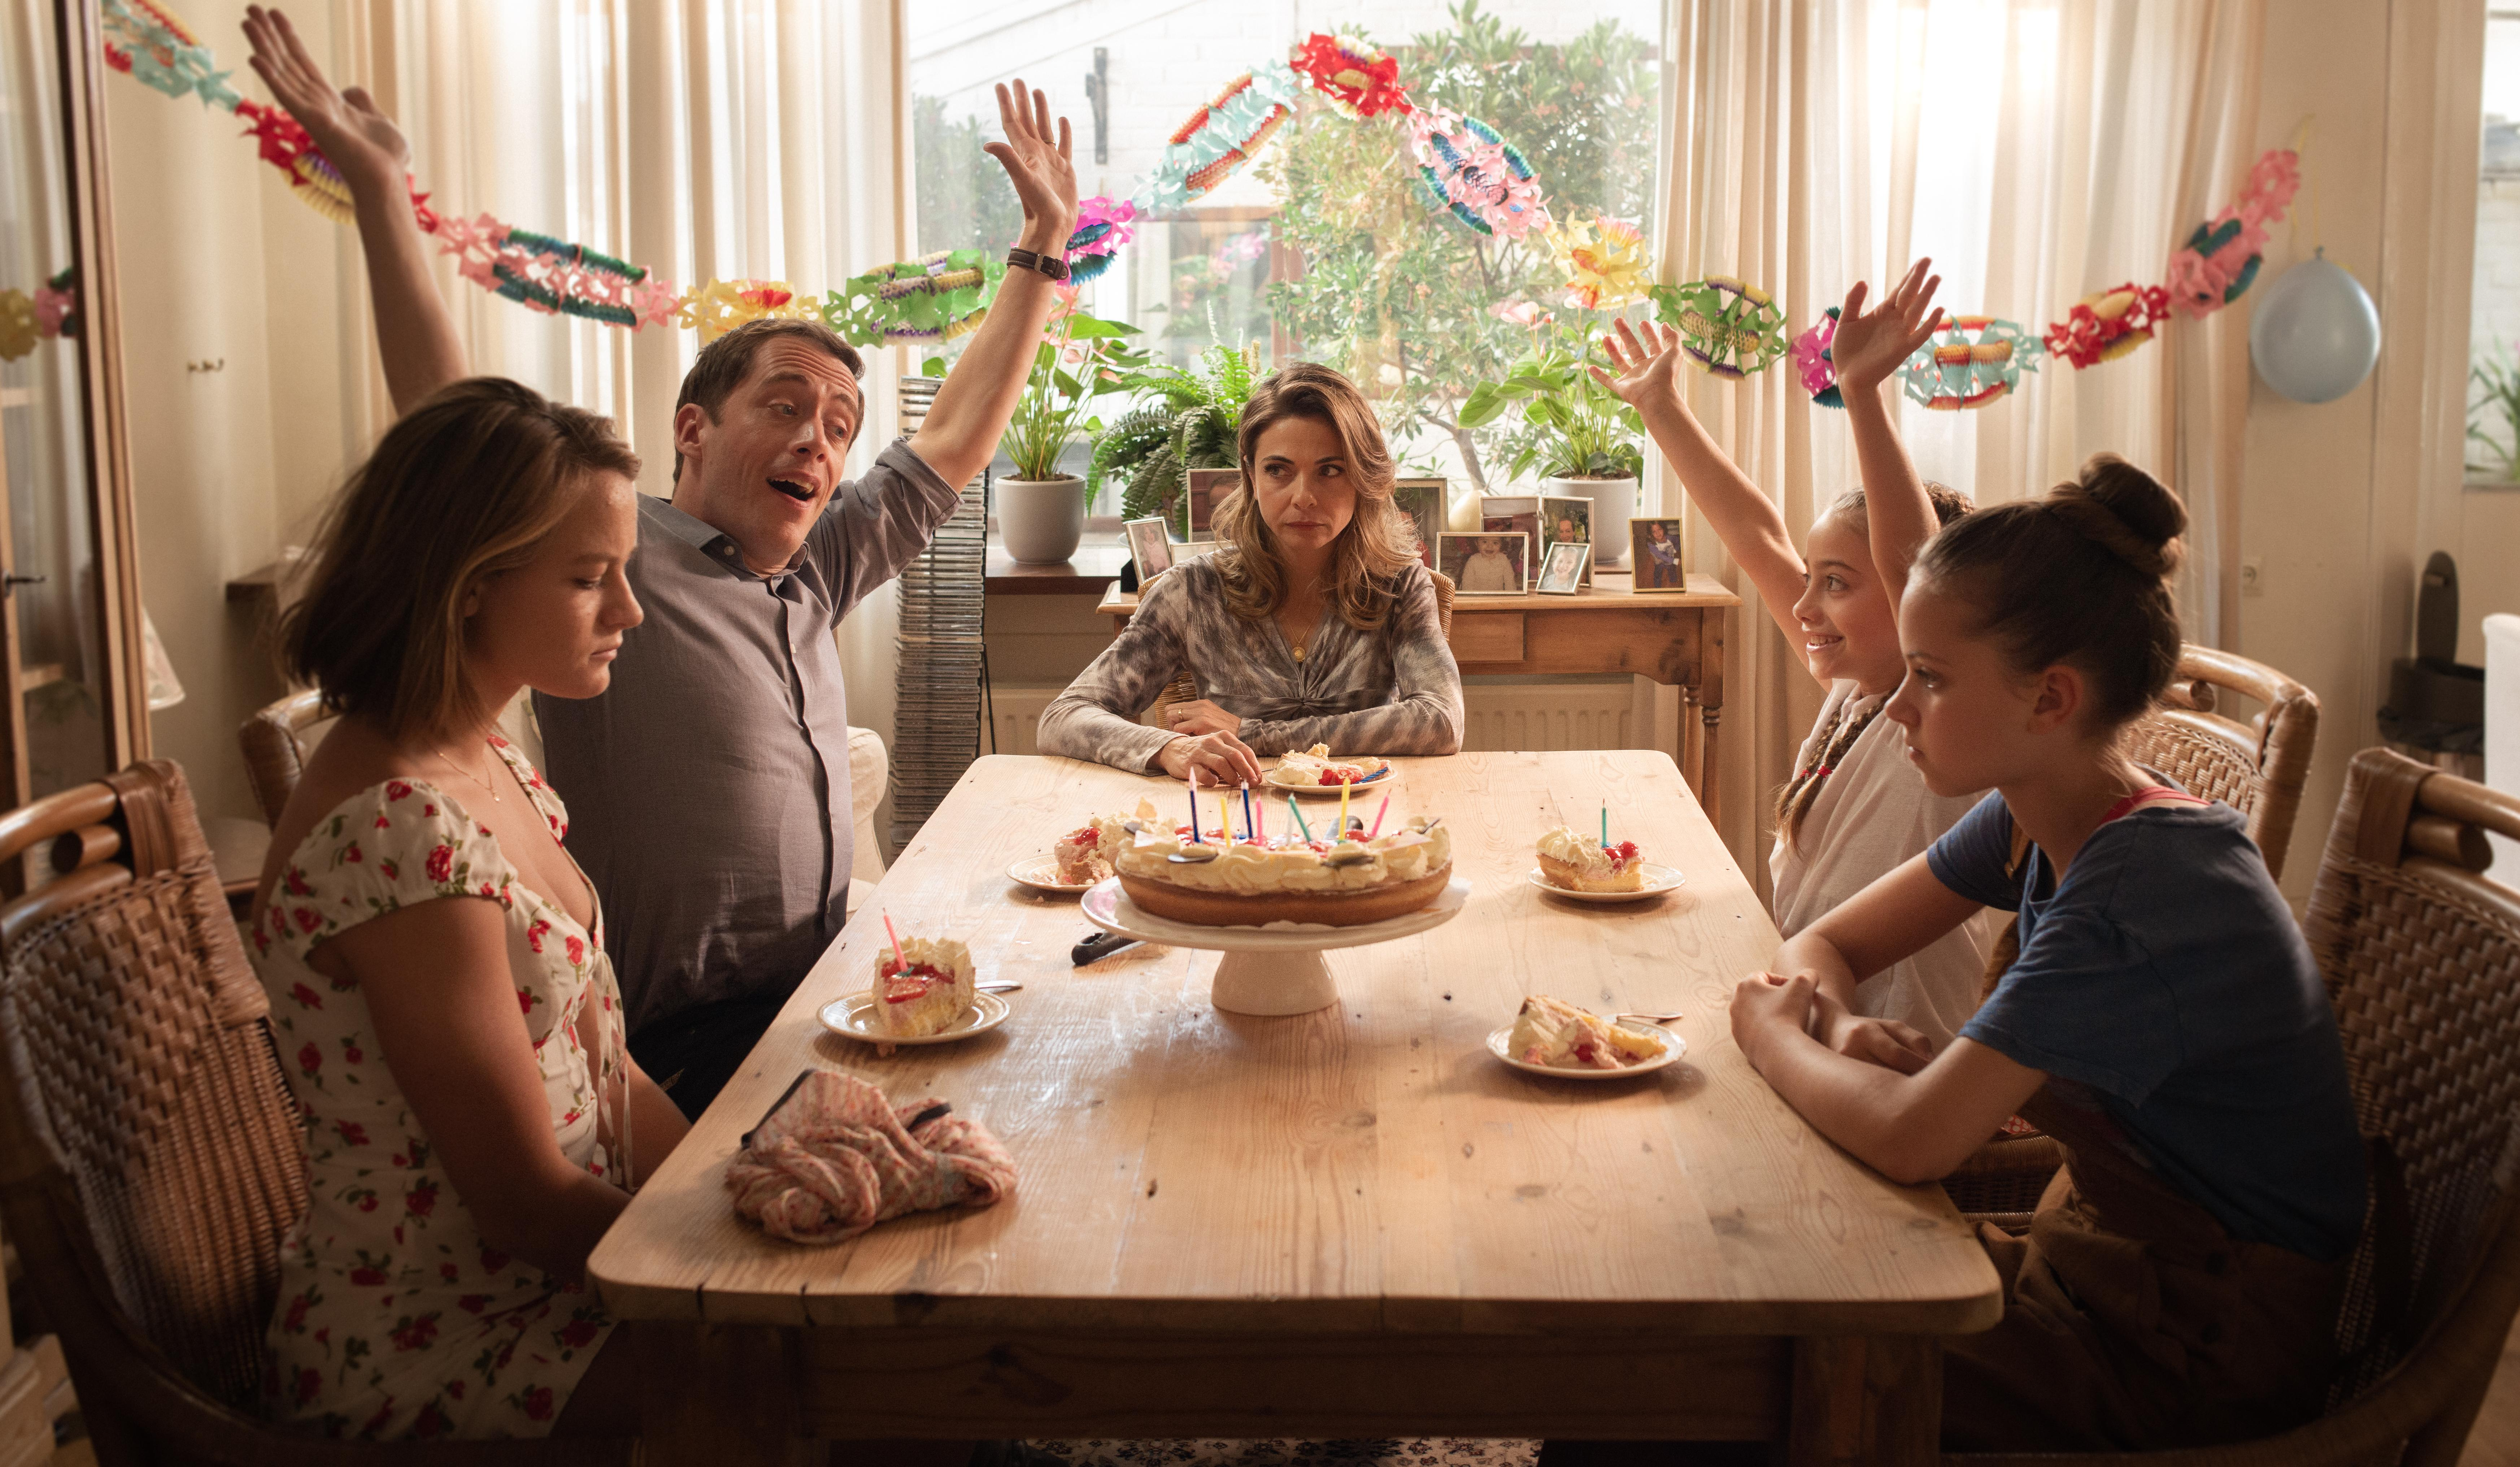 De nieuwe speelfilm 'Buiten is het feest' is gebaseerd op het incestverleden van Karin Bloemen. Vreselijke ervaringen, die 'vaker voorkomen dan je zou denken' [video]